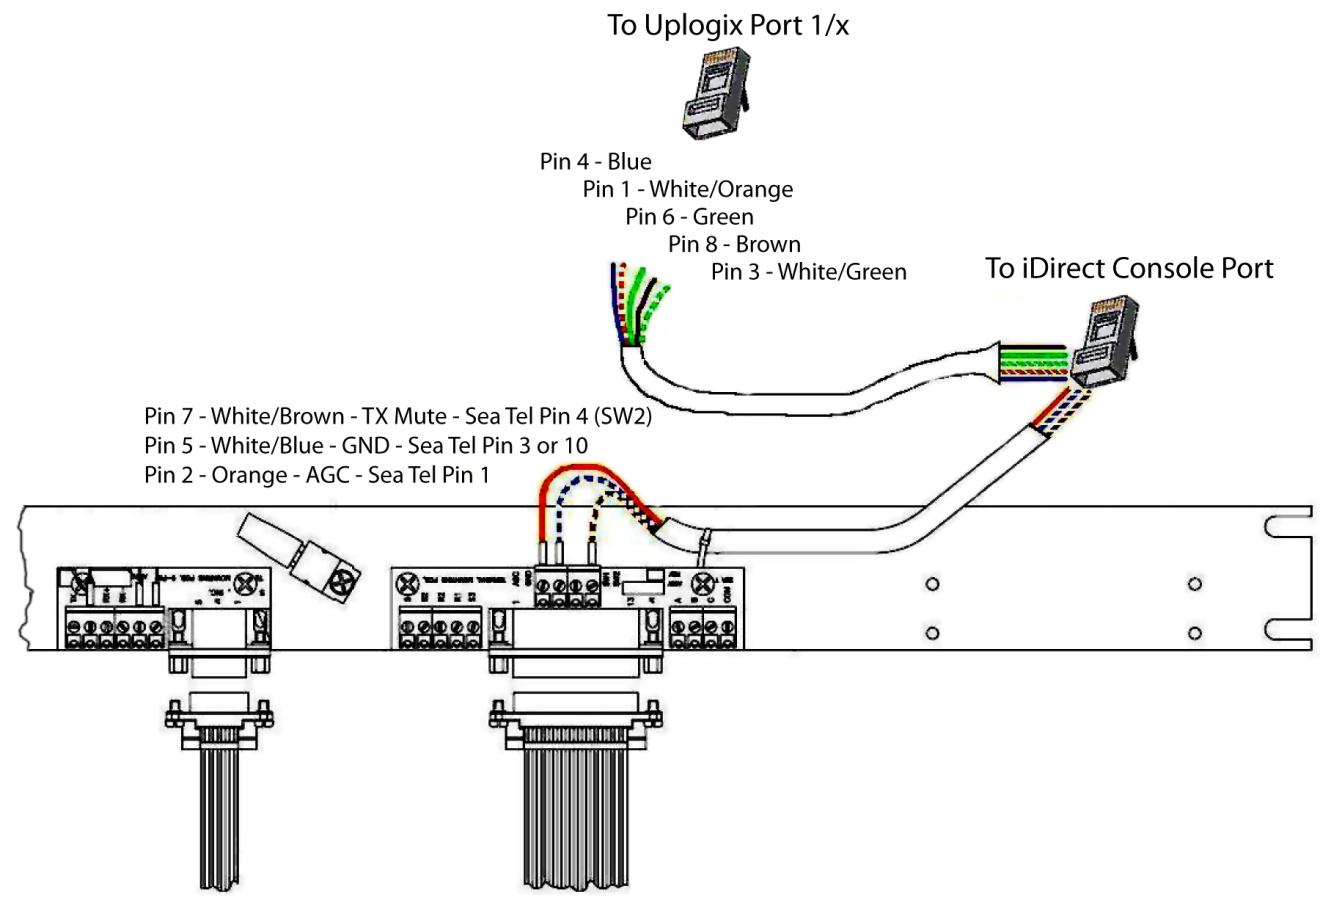 Idirect Satellite Modem